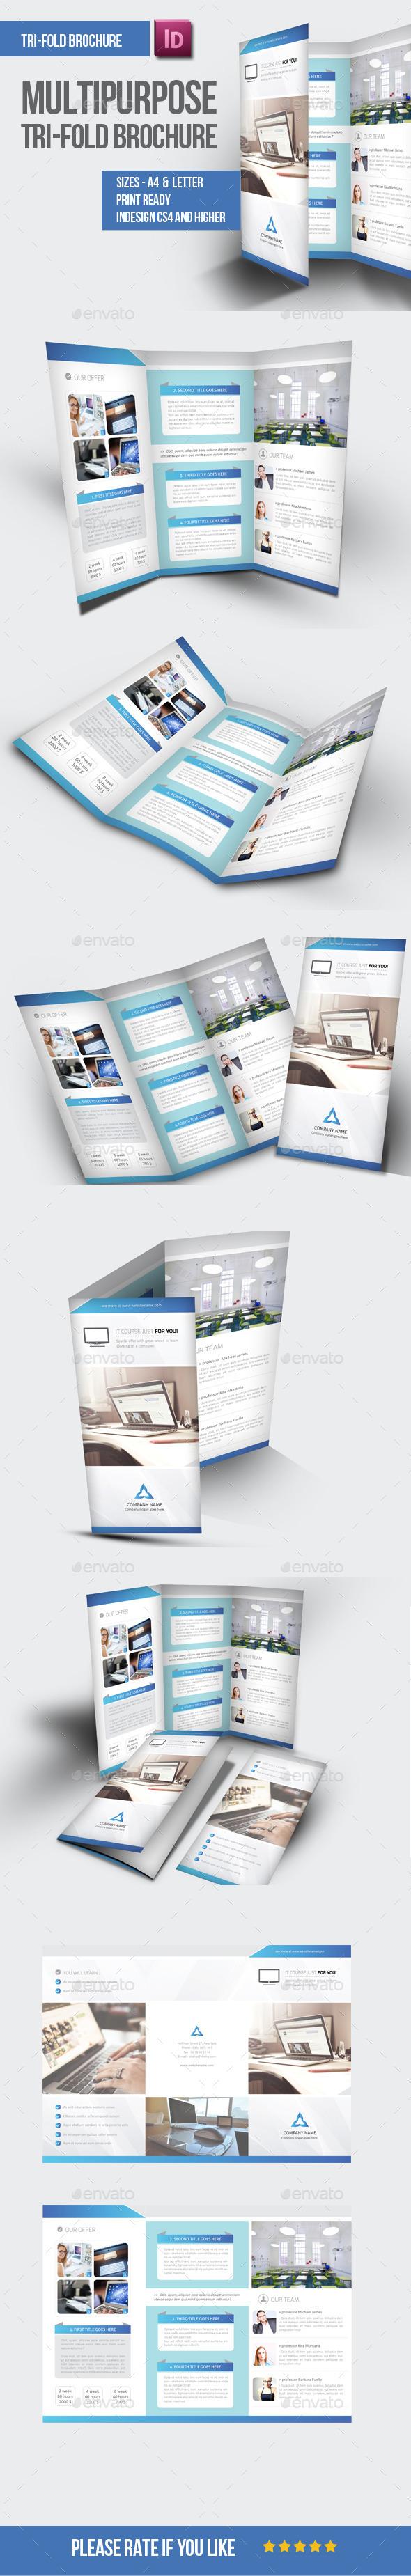 GraphicRiver Multipurpose Tri-fold Brochure 9414243